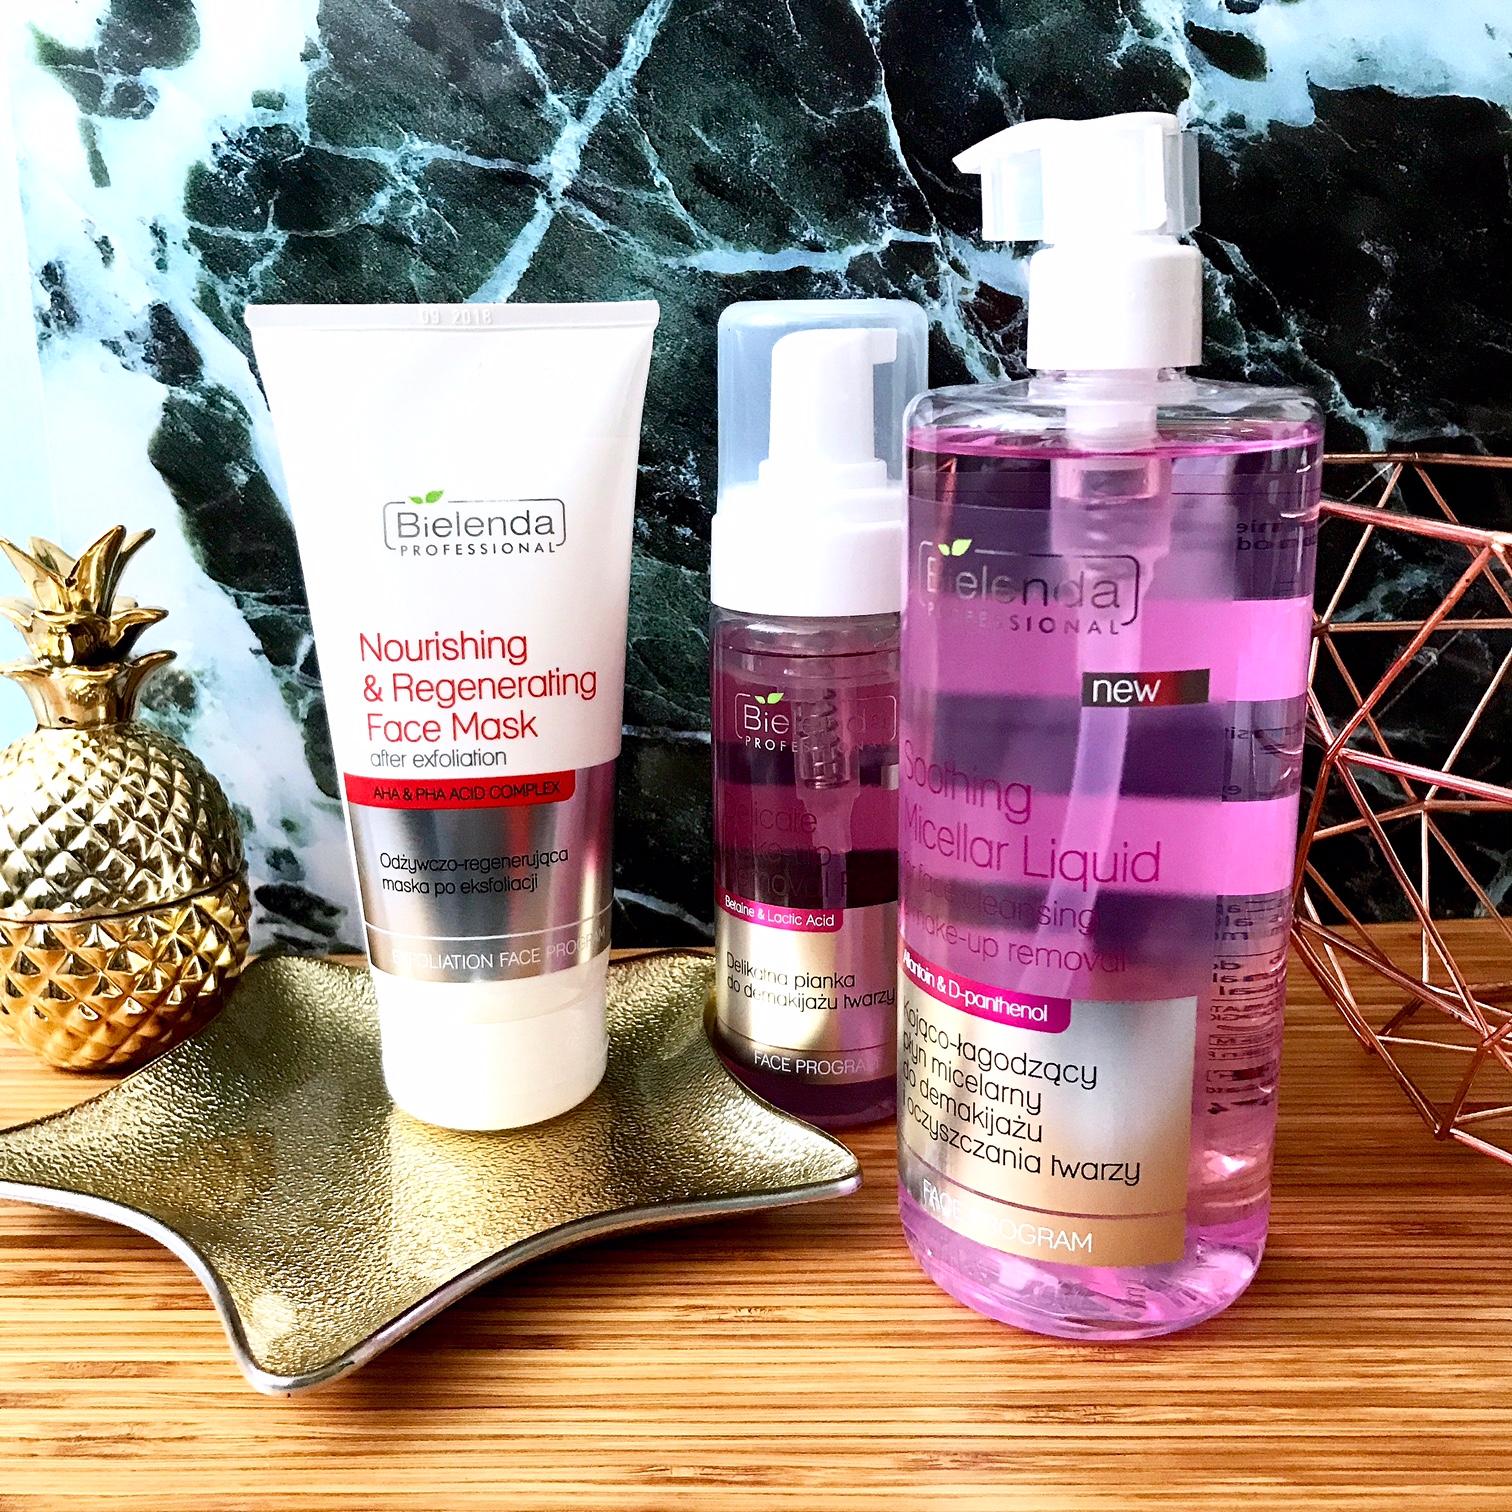 zdjęcie przedstawiające produkty do pielęgnacji twarzy Bielenda Professional